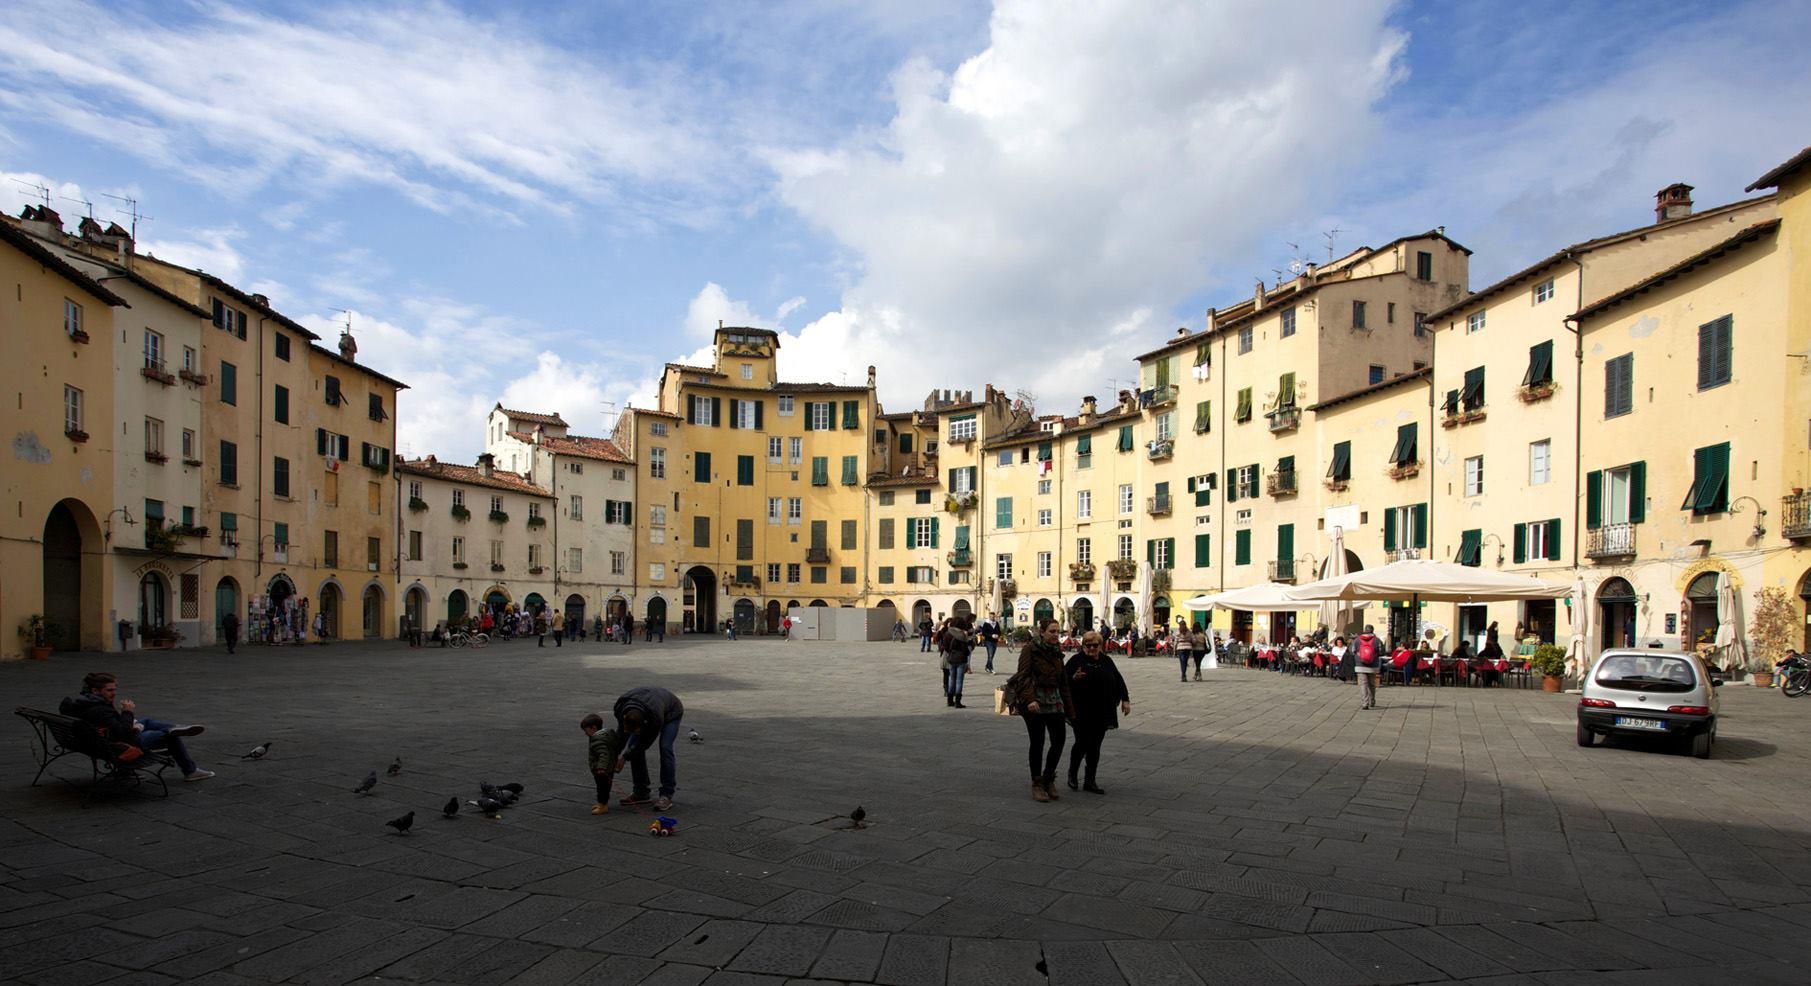 イタリア ルッカ アンフィテアトロ広場 (Piazza dell\'Anfiteatro)_e0127948_552258.jpg